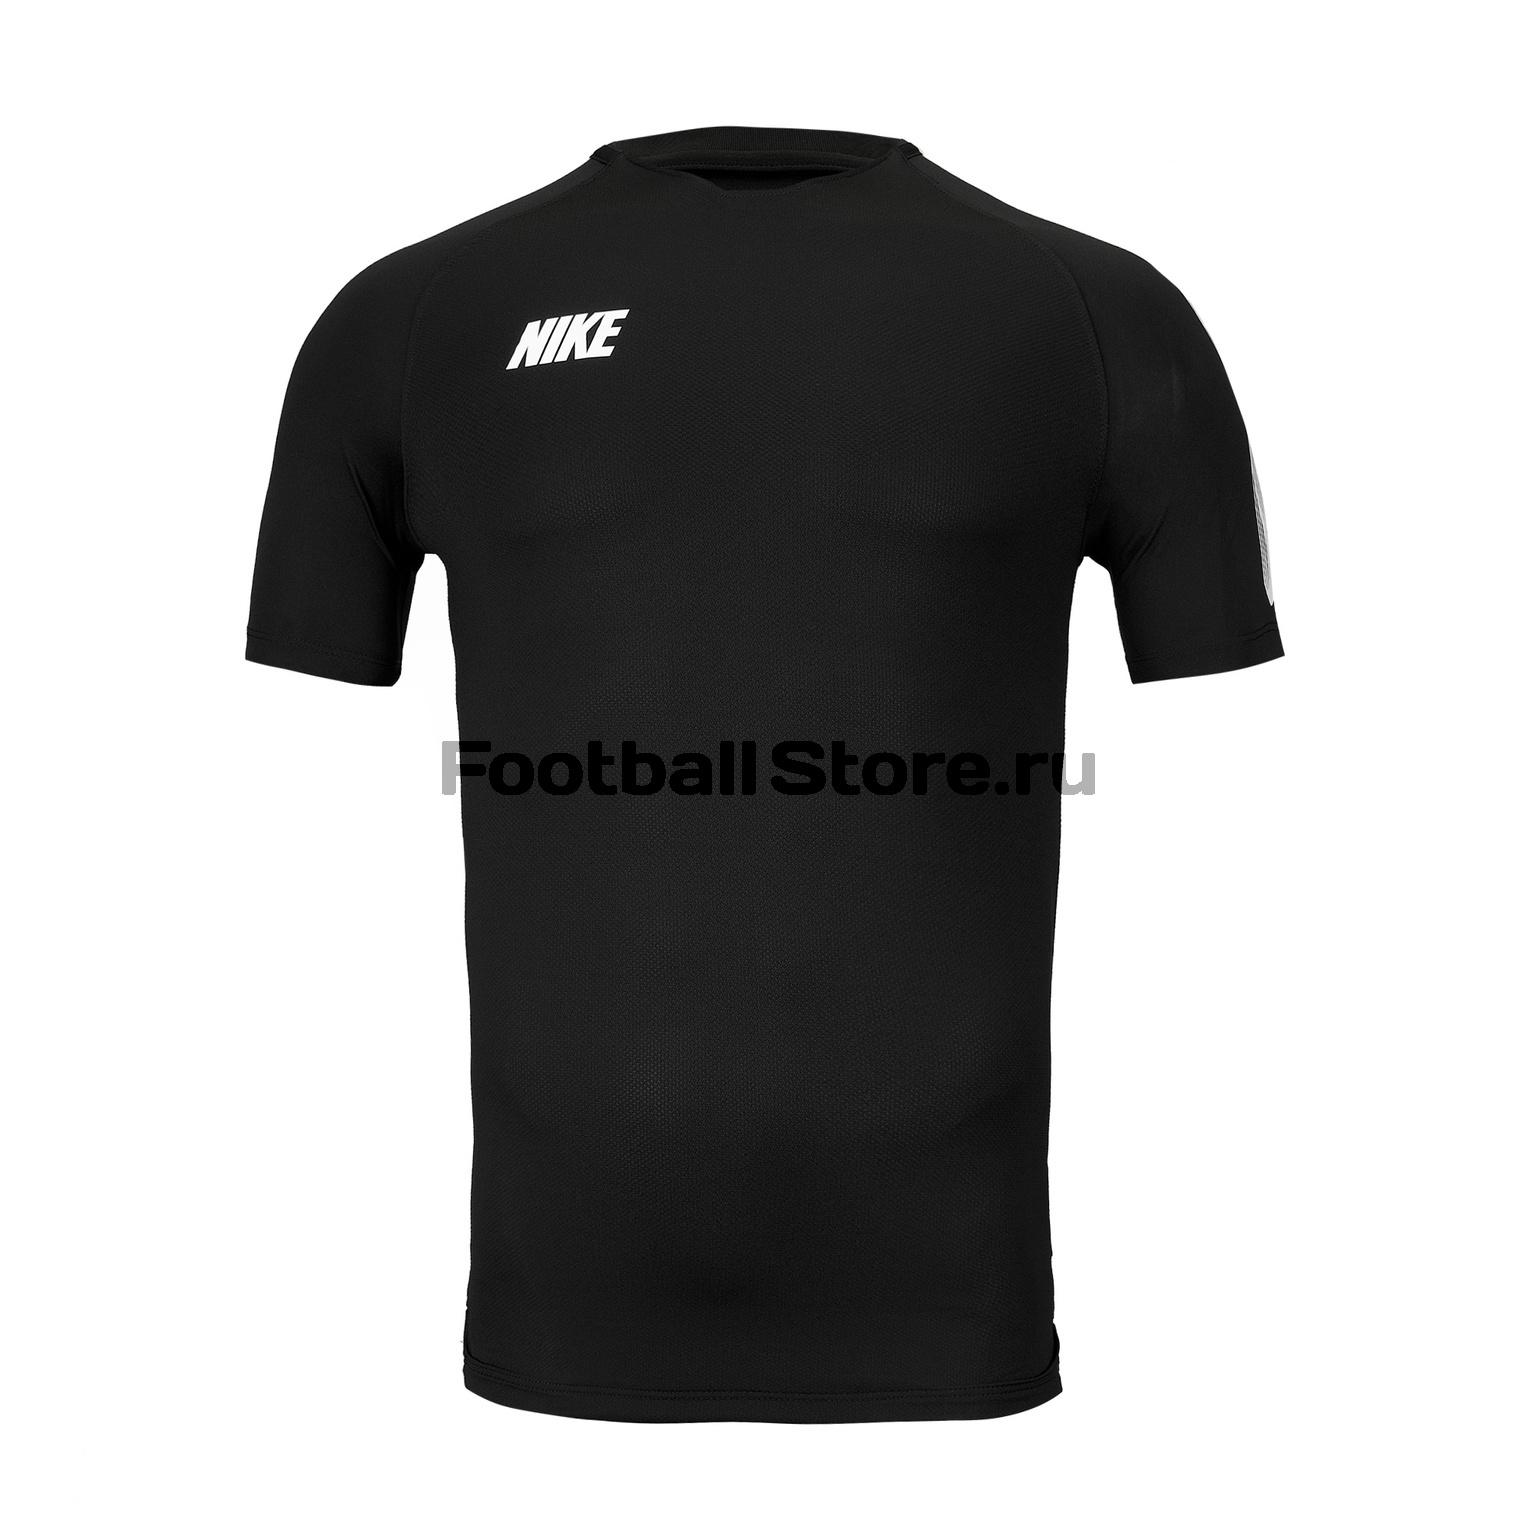 Футболка тренировочная Nike Squad Top BQ3770-011 футболка тренировочная nike strike top at5870 010